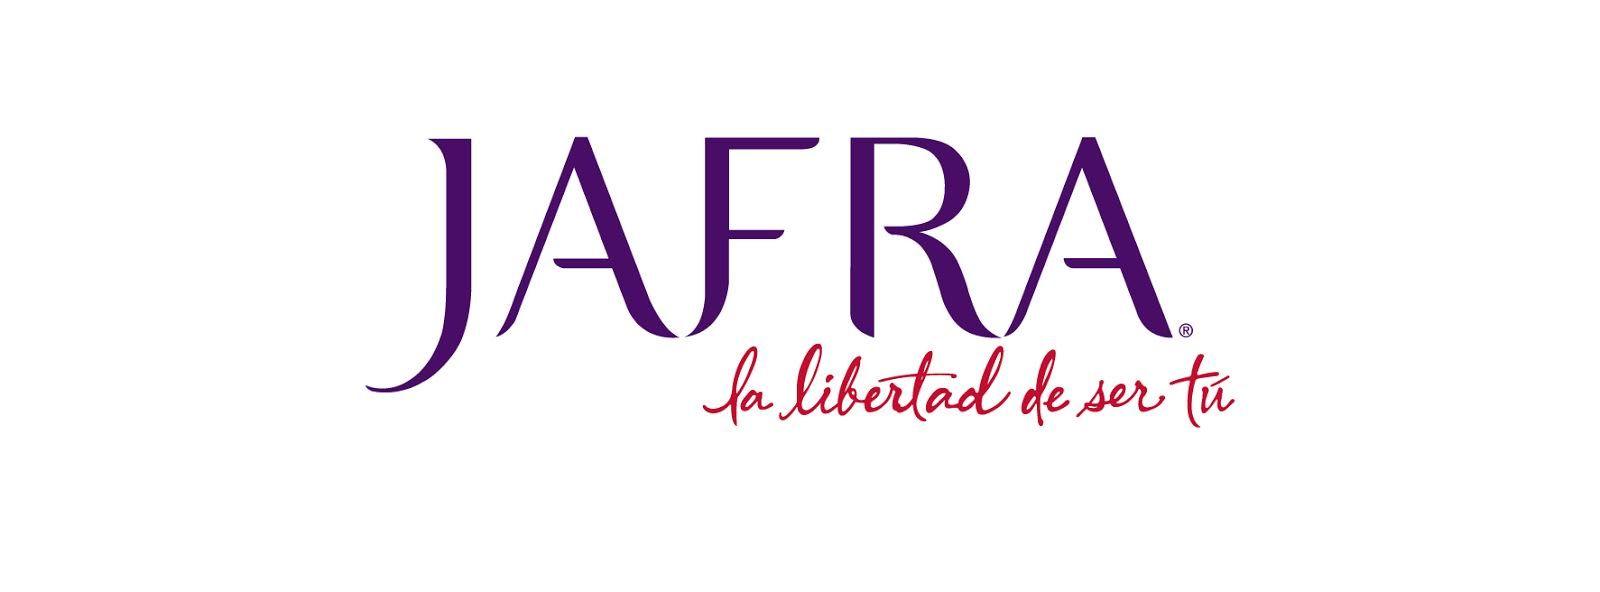 la libertad de ser t nuevo logo jafra oficial pinterest business rh pinterest com jafra login jafra logo vector